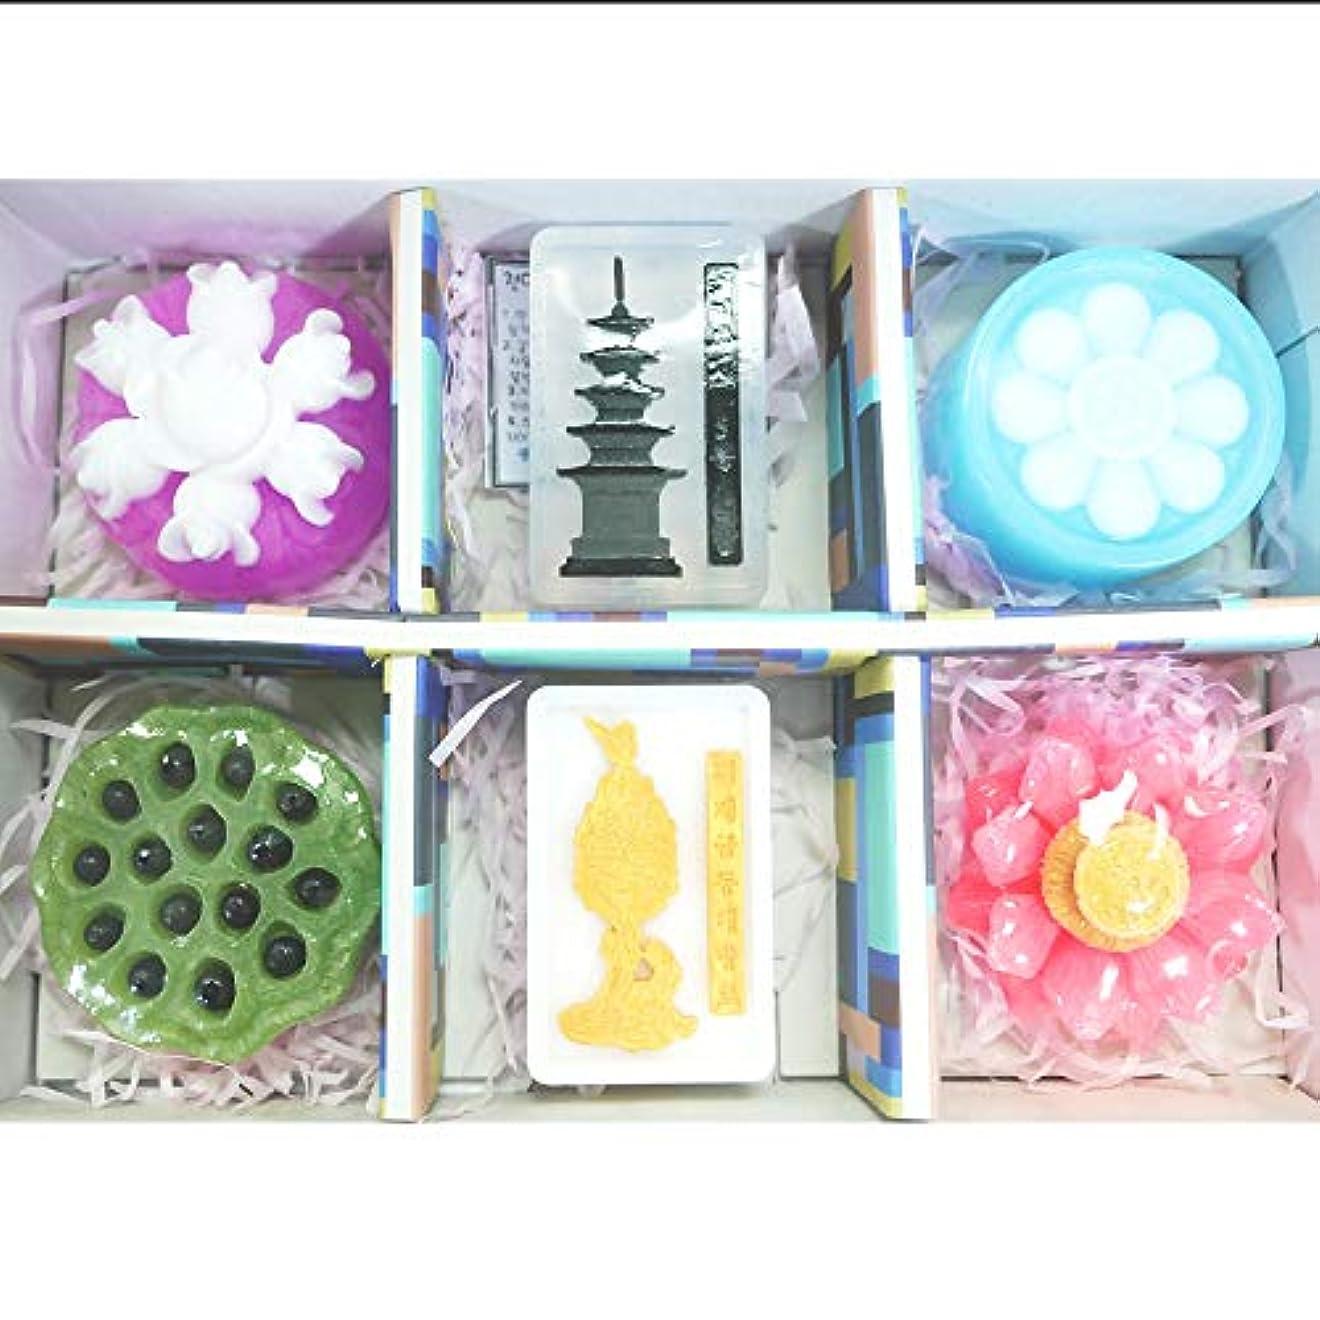 憎しみ失望垂直[ソドン] 韓国 百済 手漉き石鹸 1 セット(3.5オンスx 6石鹸)